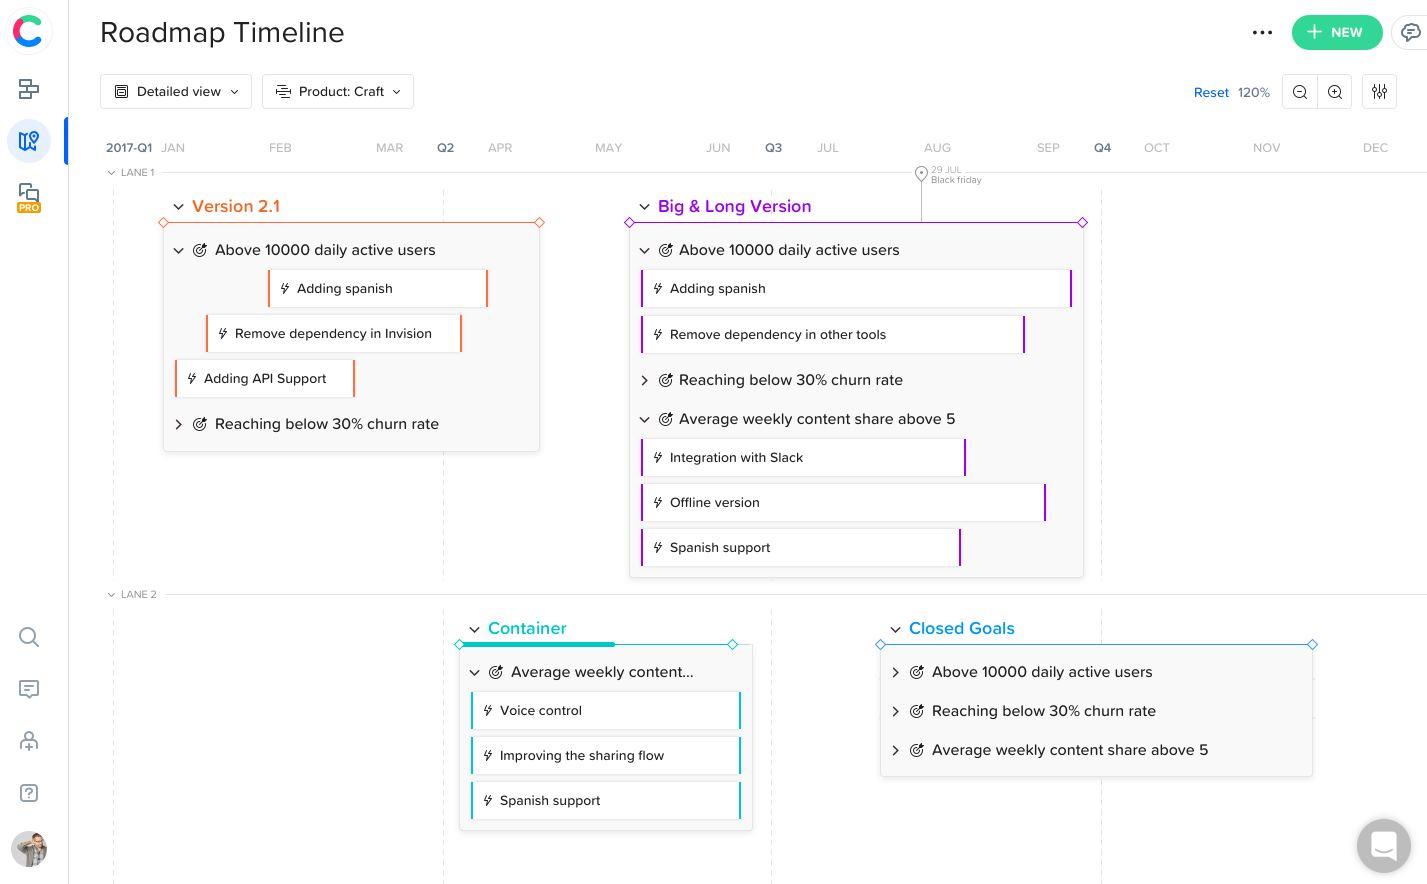 Product RoadmapTimeline